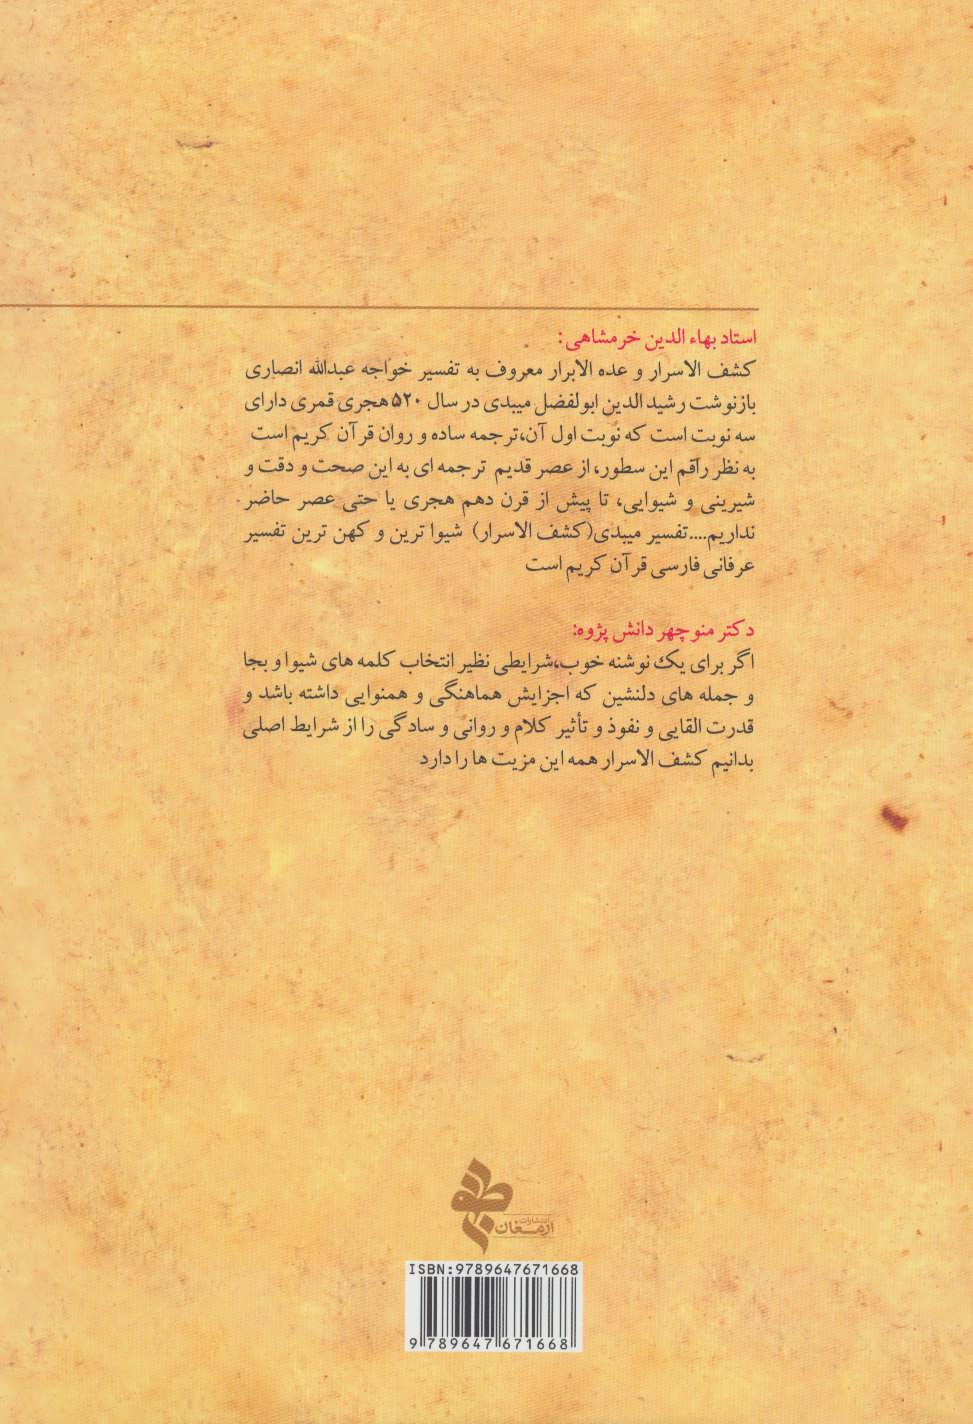 ترجمه و تفسیر عرفانی قرآن کریم (2جلدی)